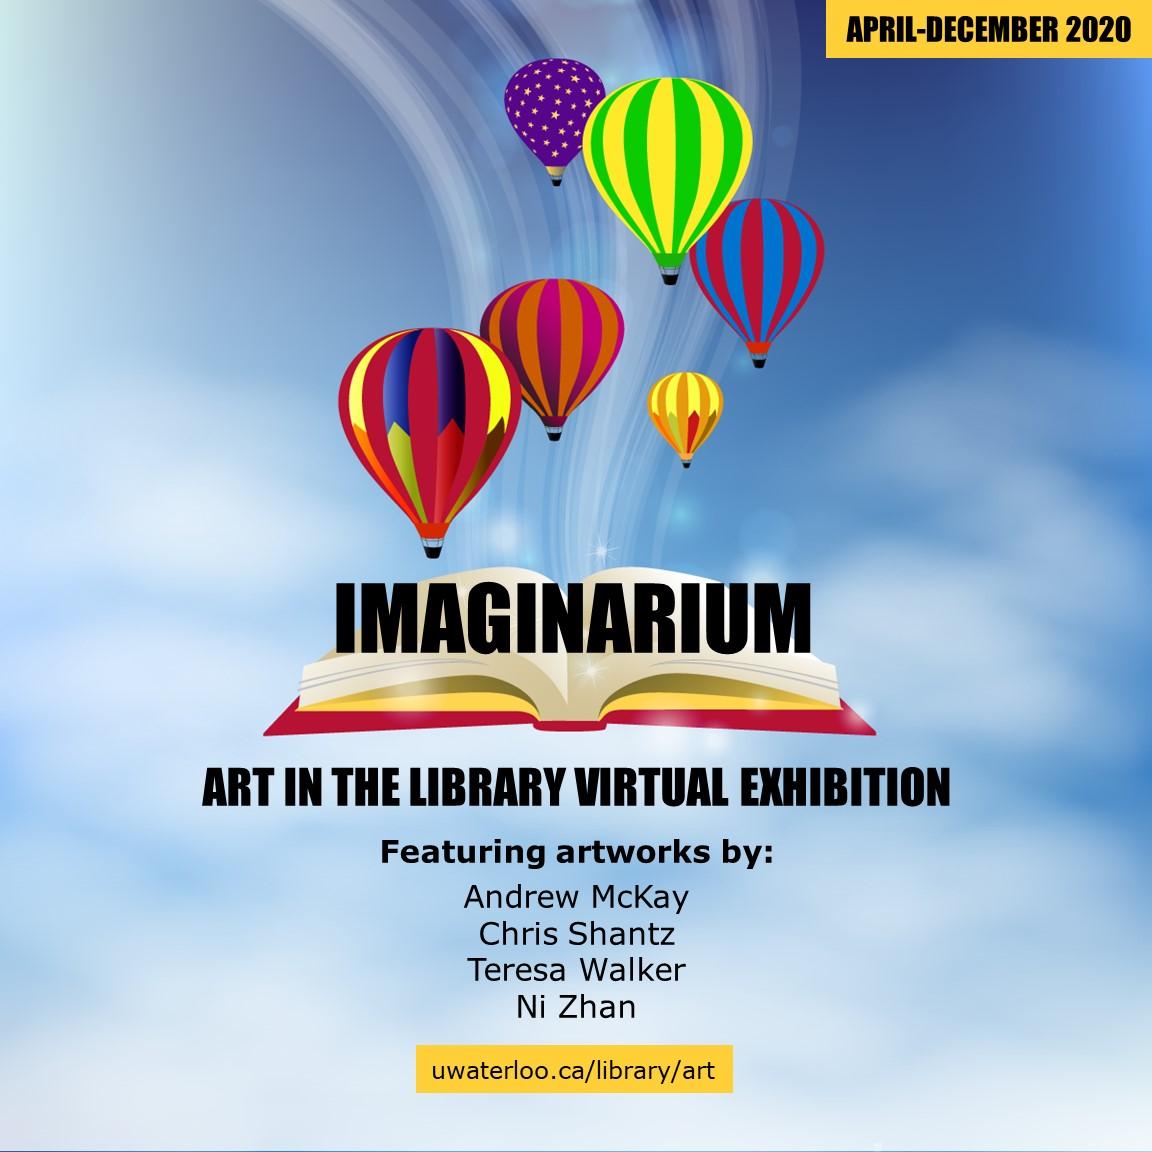 Imaginarium virtual exhibit list of artists